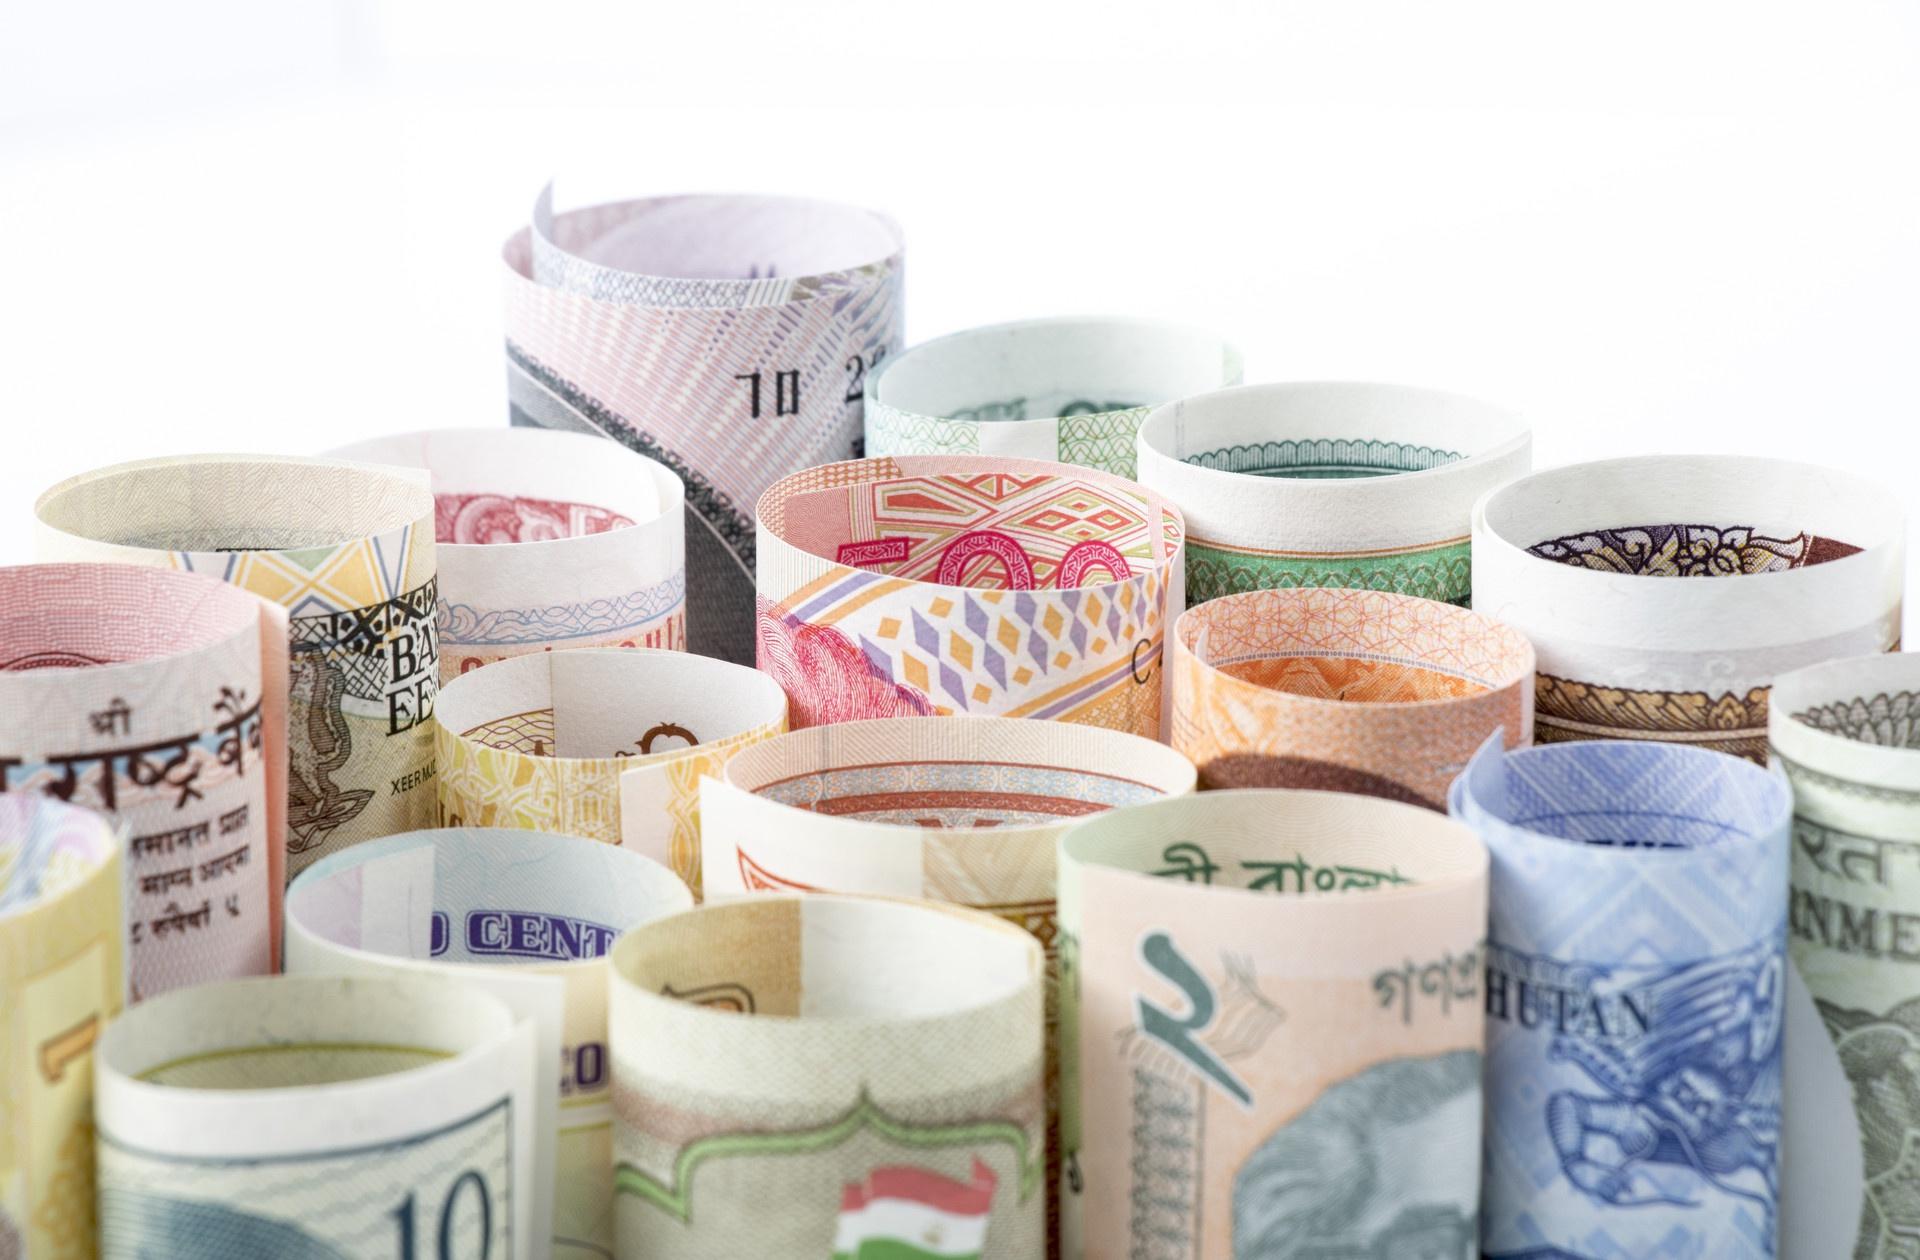 互金协会提示虚拟货币风险:某些境外平台操纵市场